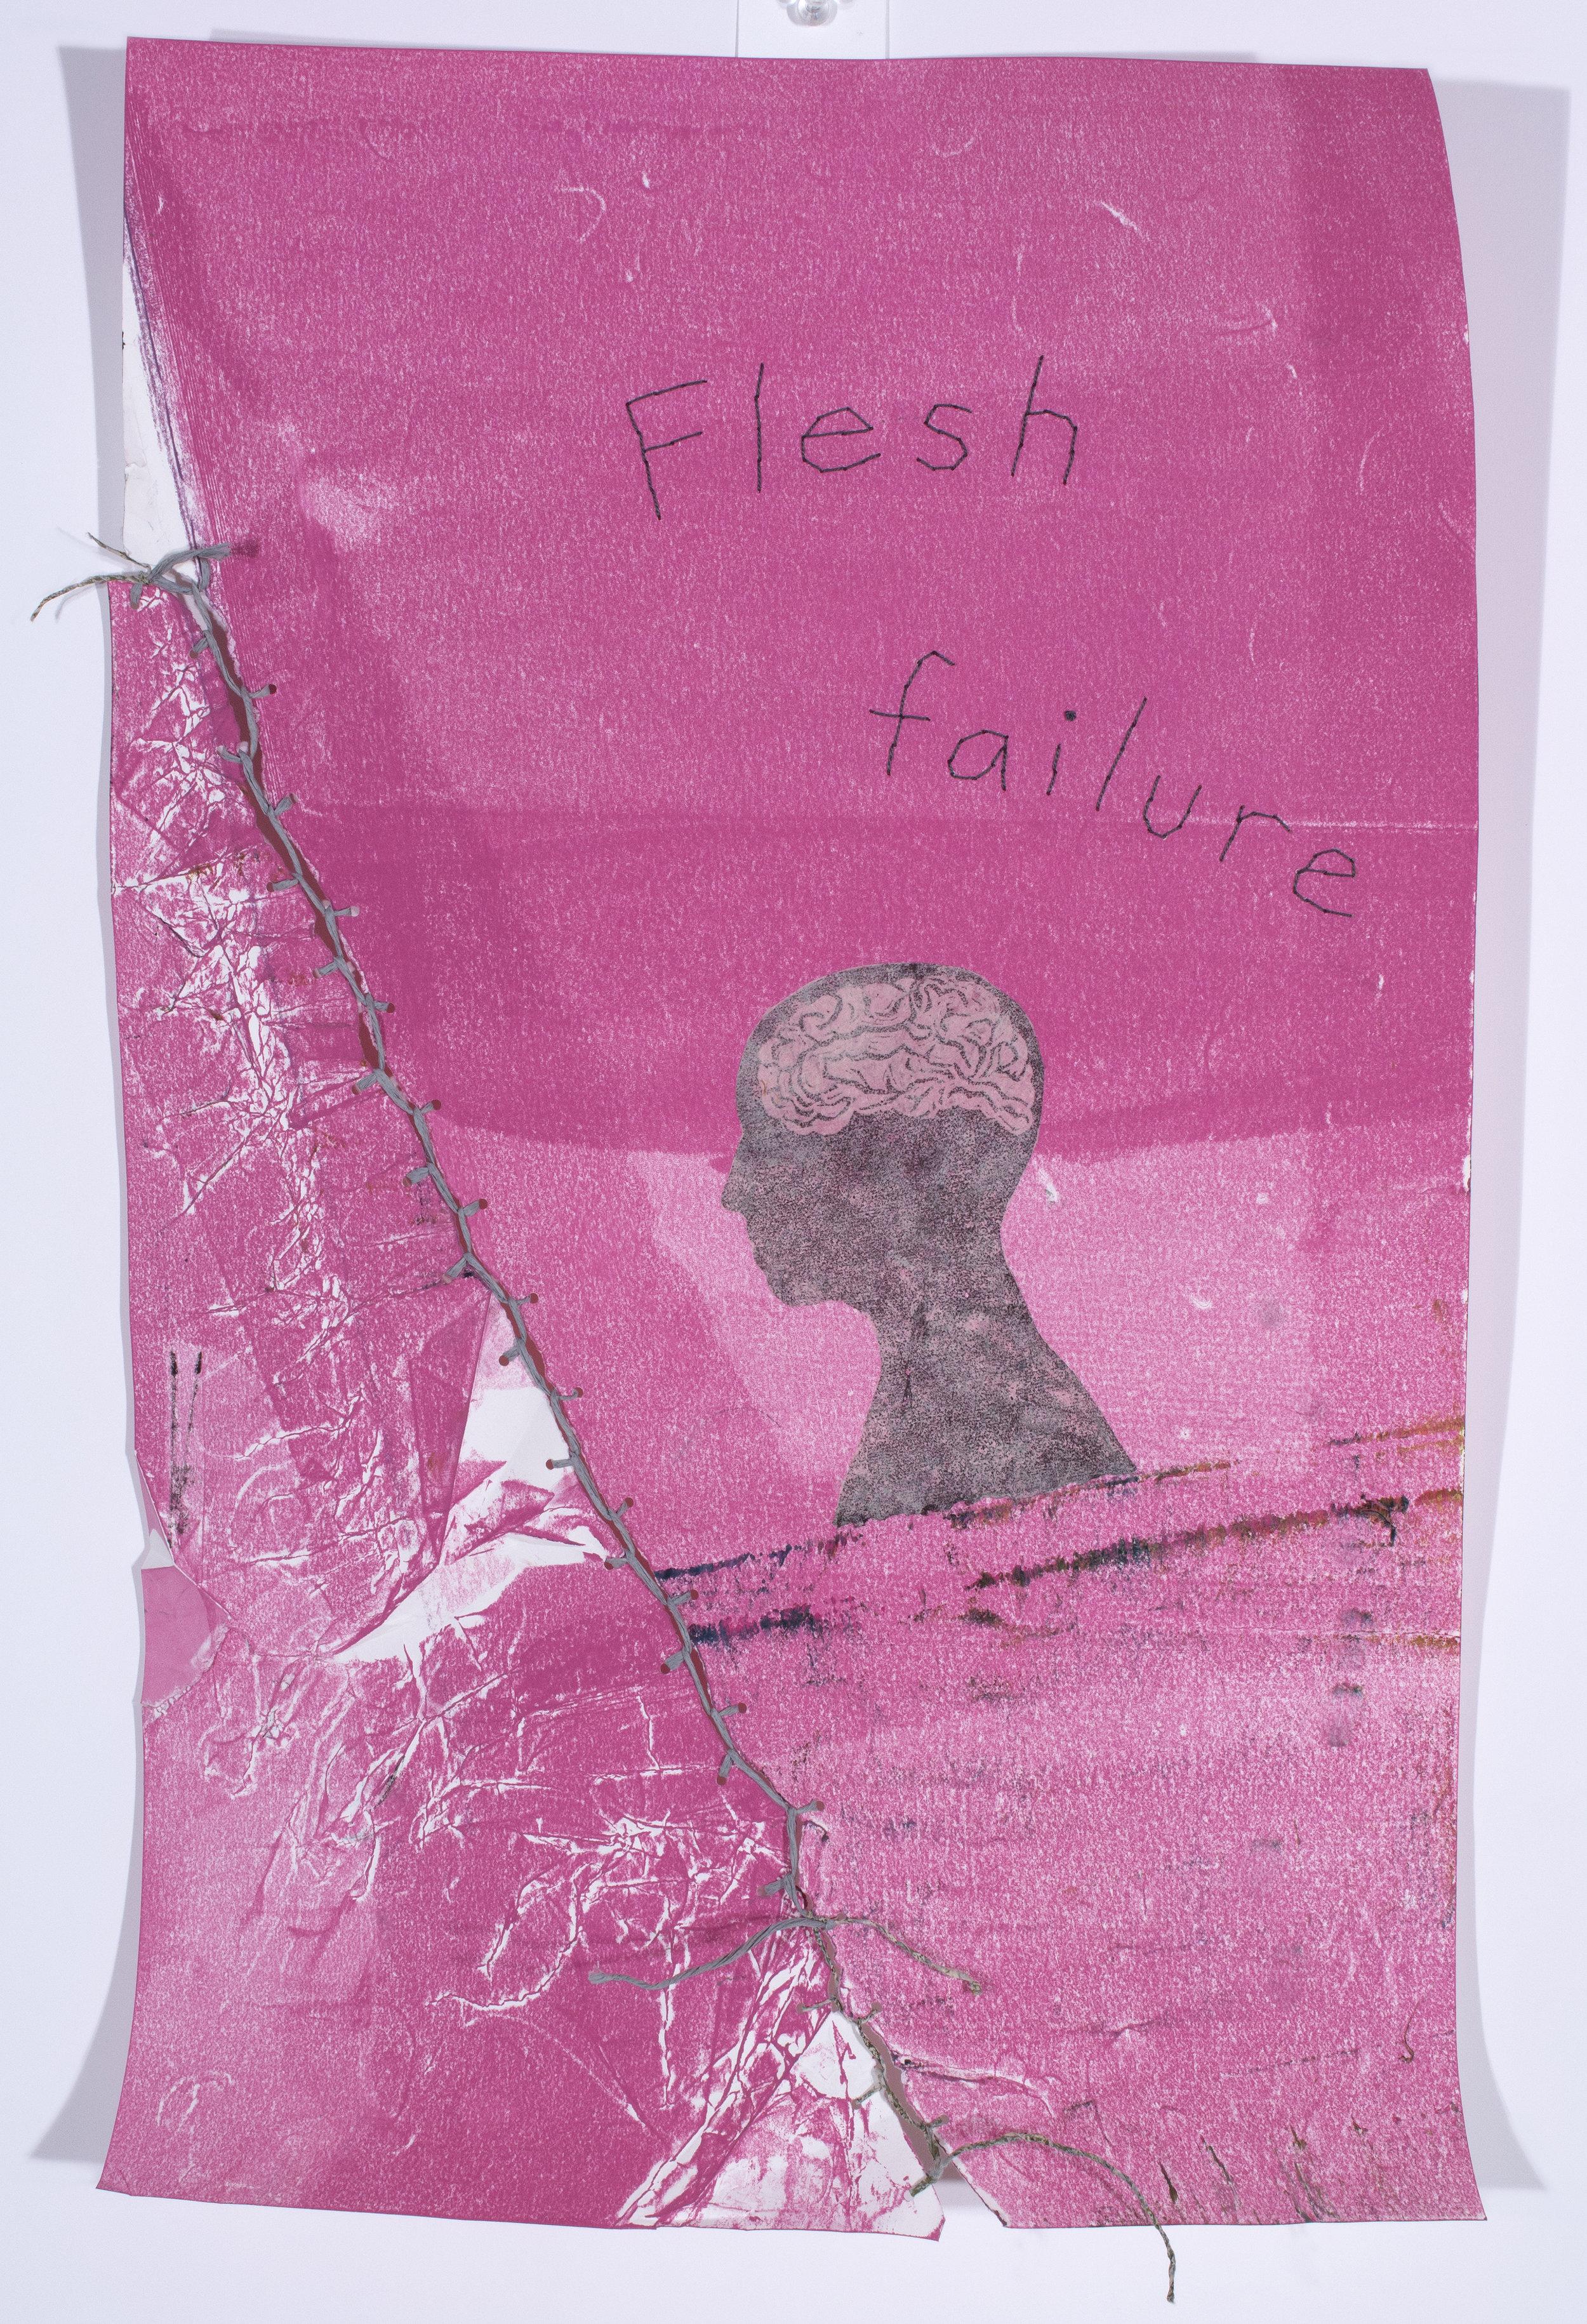 FleshFailure.jpg